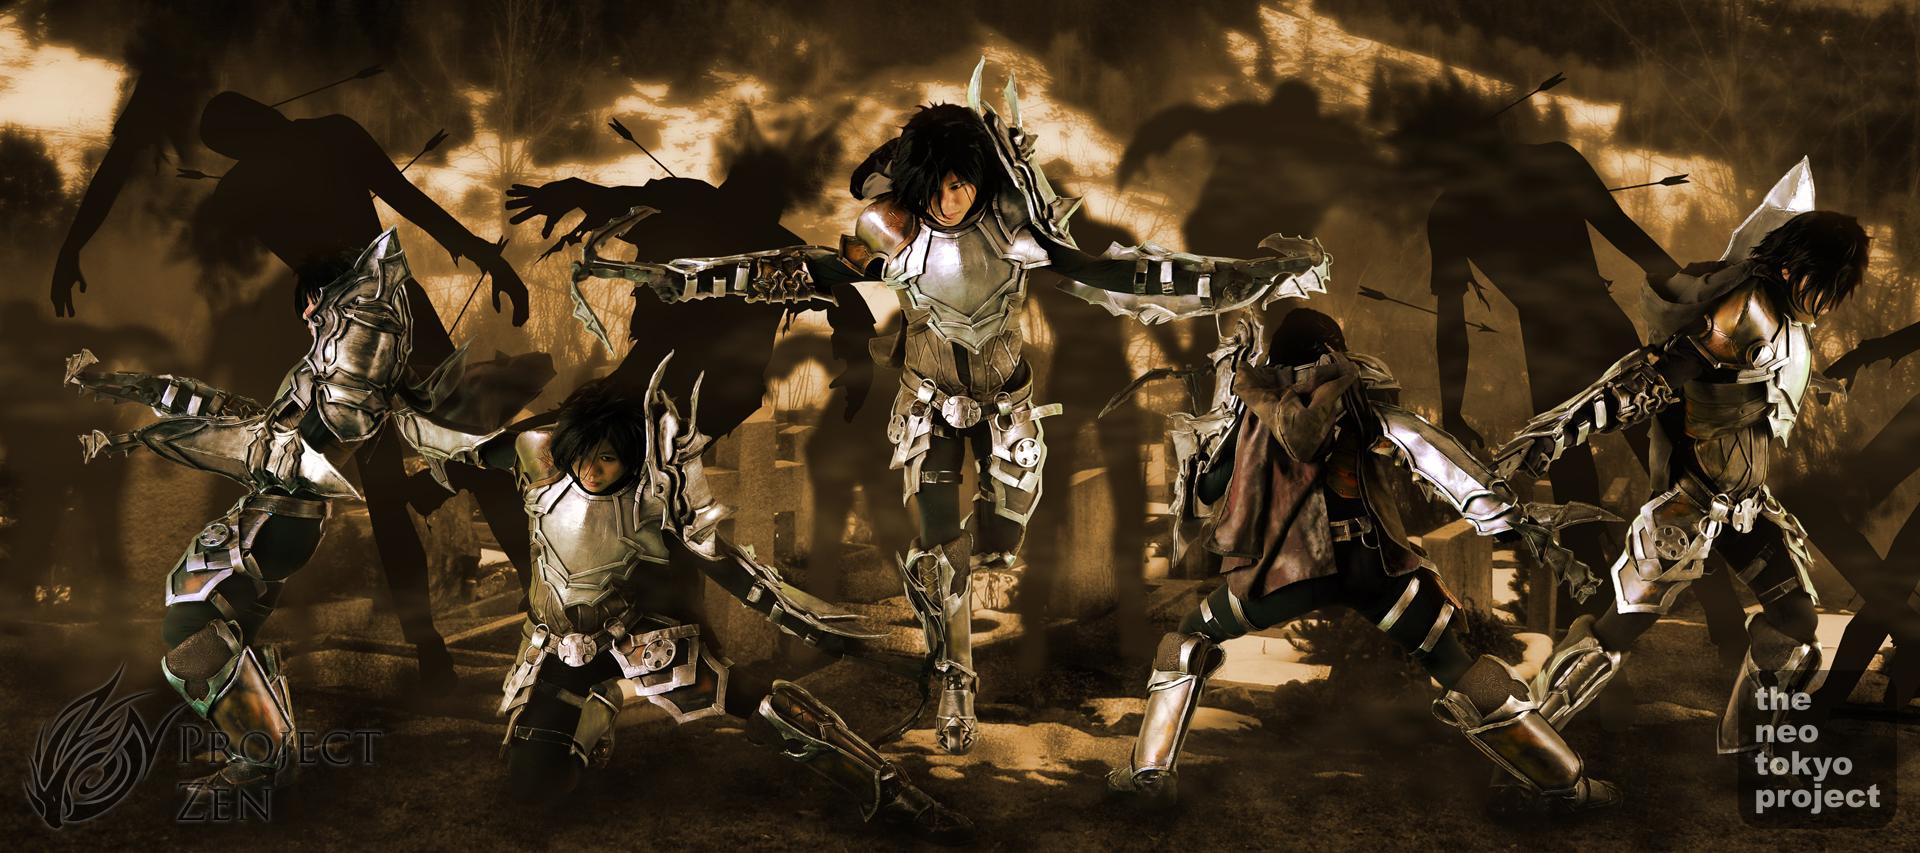 Diablo Iii Demon Hunter By Conjurer Cj On Deviantart